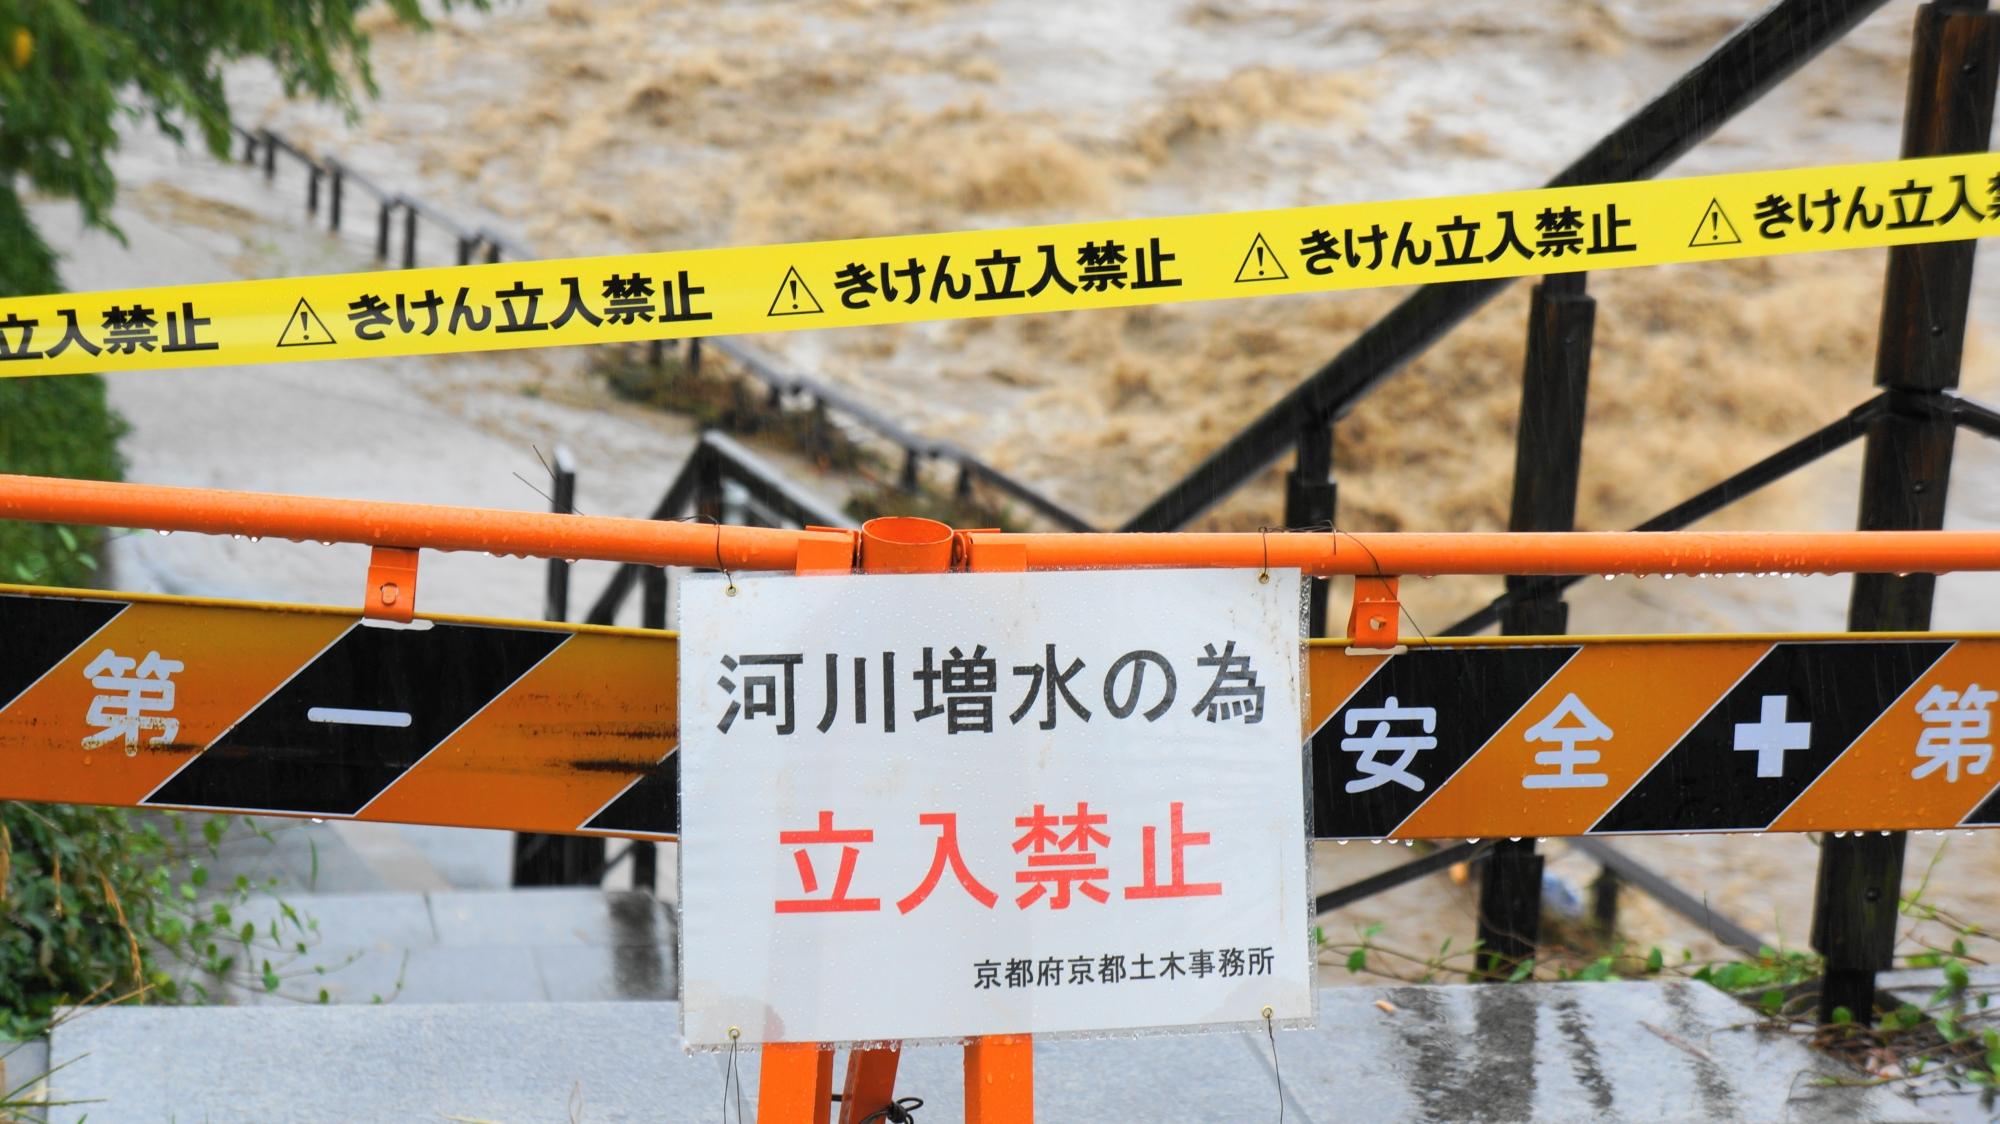 危険なため立入禁止となった鴨川の河川敷